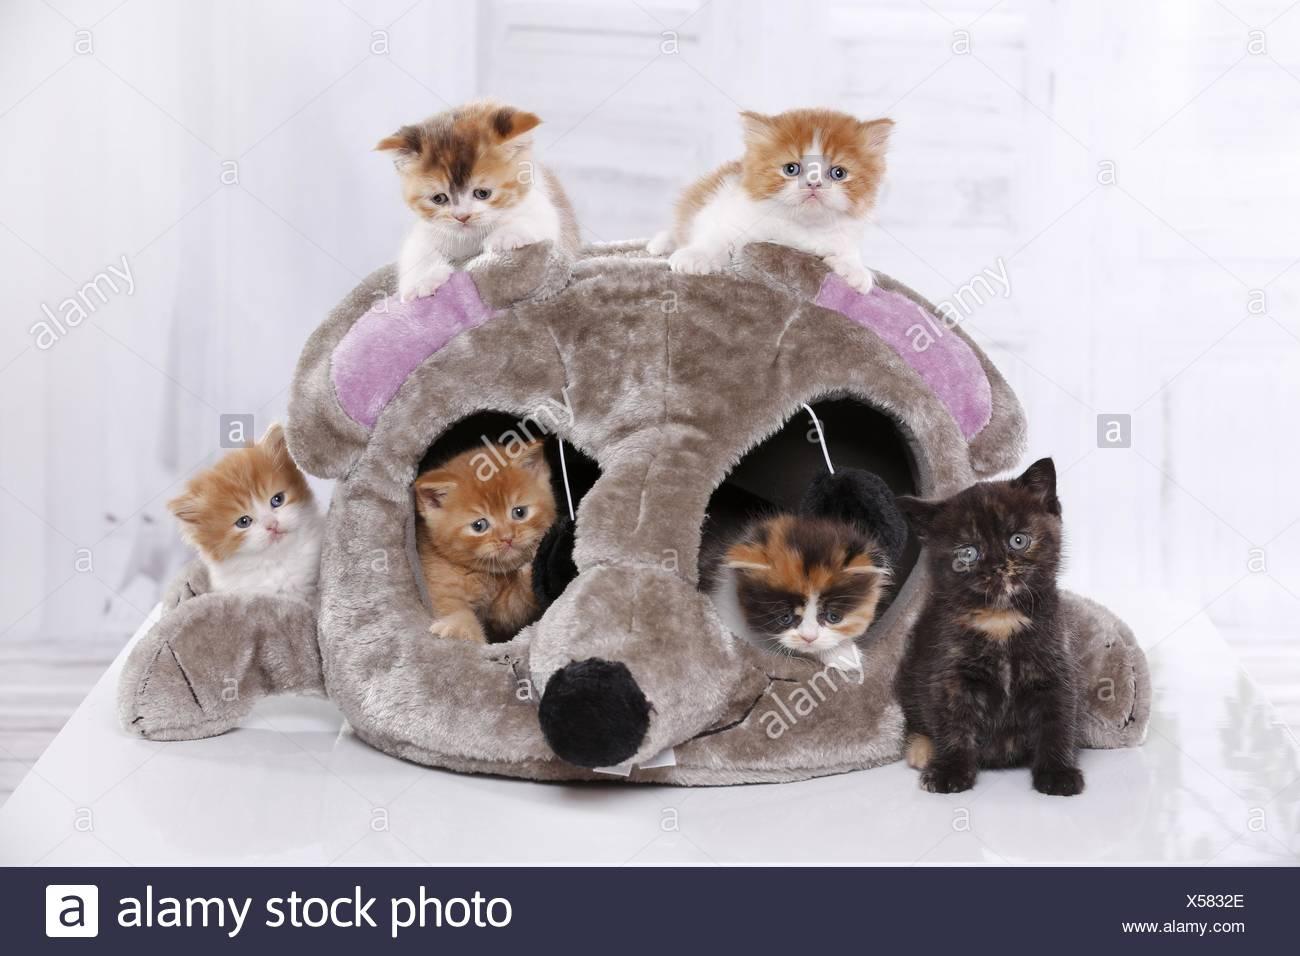 6 Kitten Stock Photo